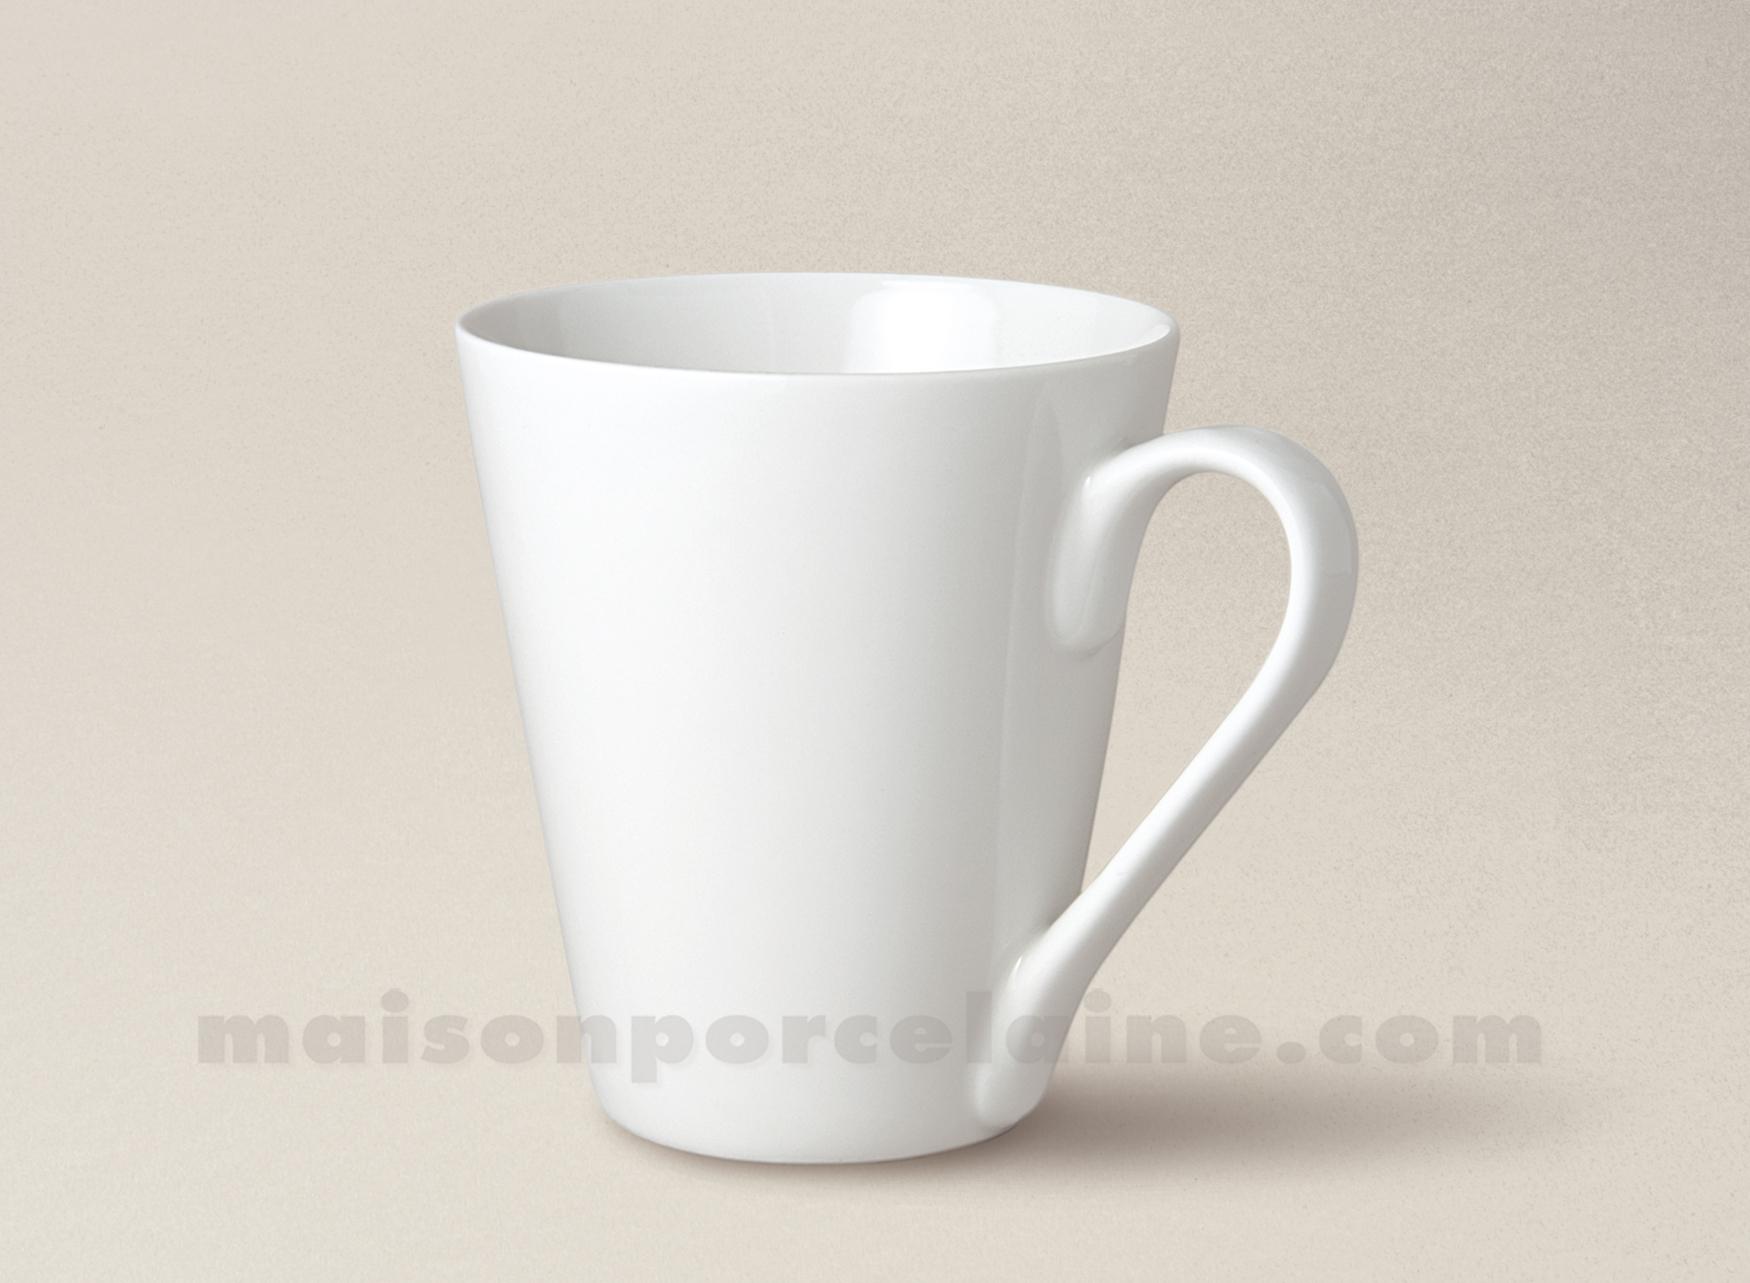 Mug porcelaine blanche uni conique 27clnique 27clnique 27cl maison de la po - La porcelaine blanche ...